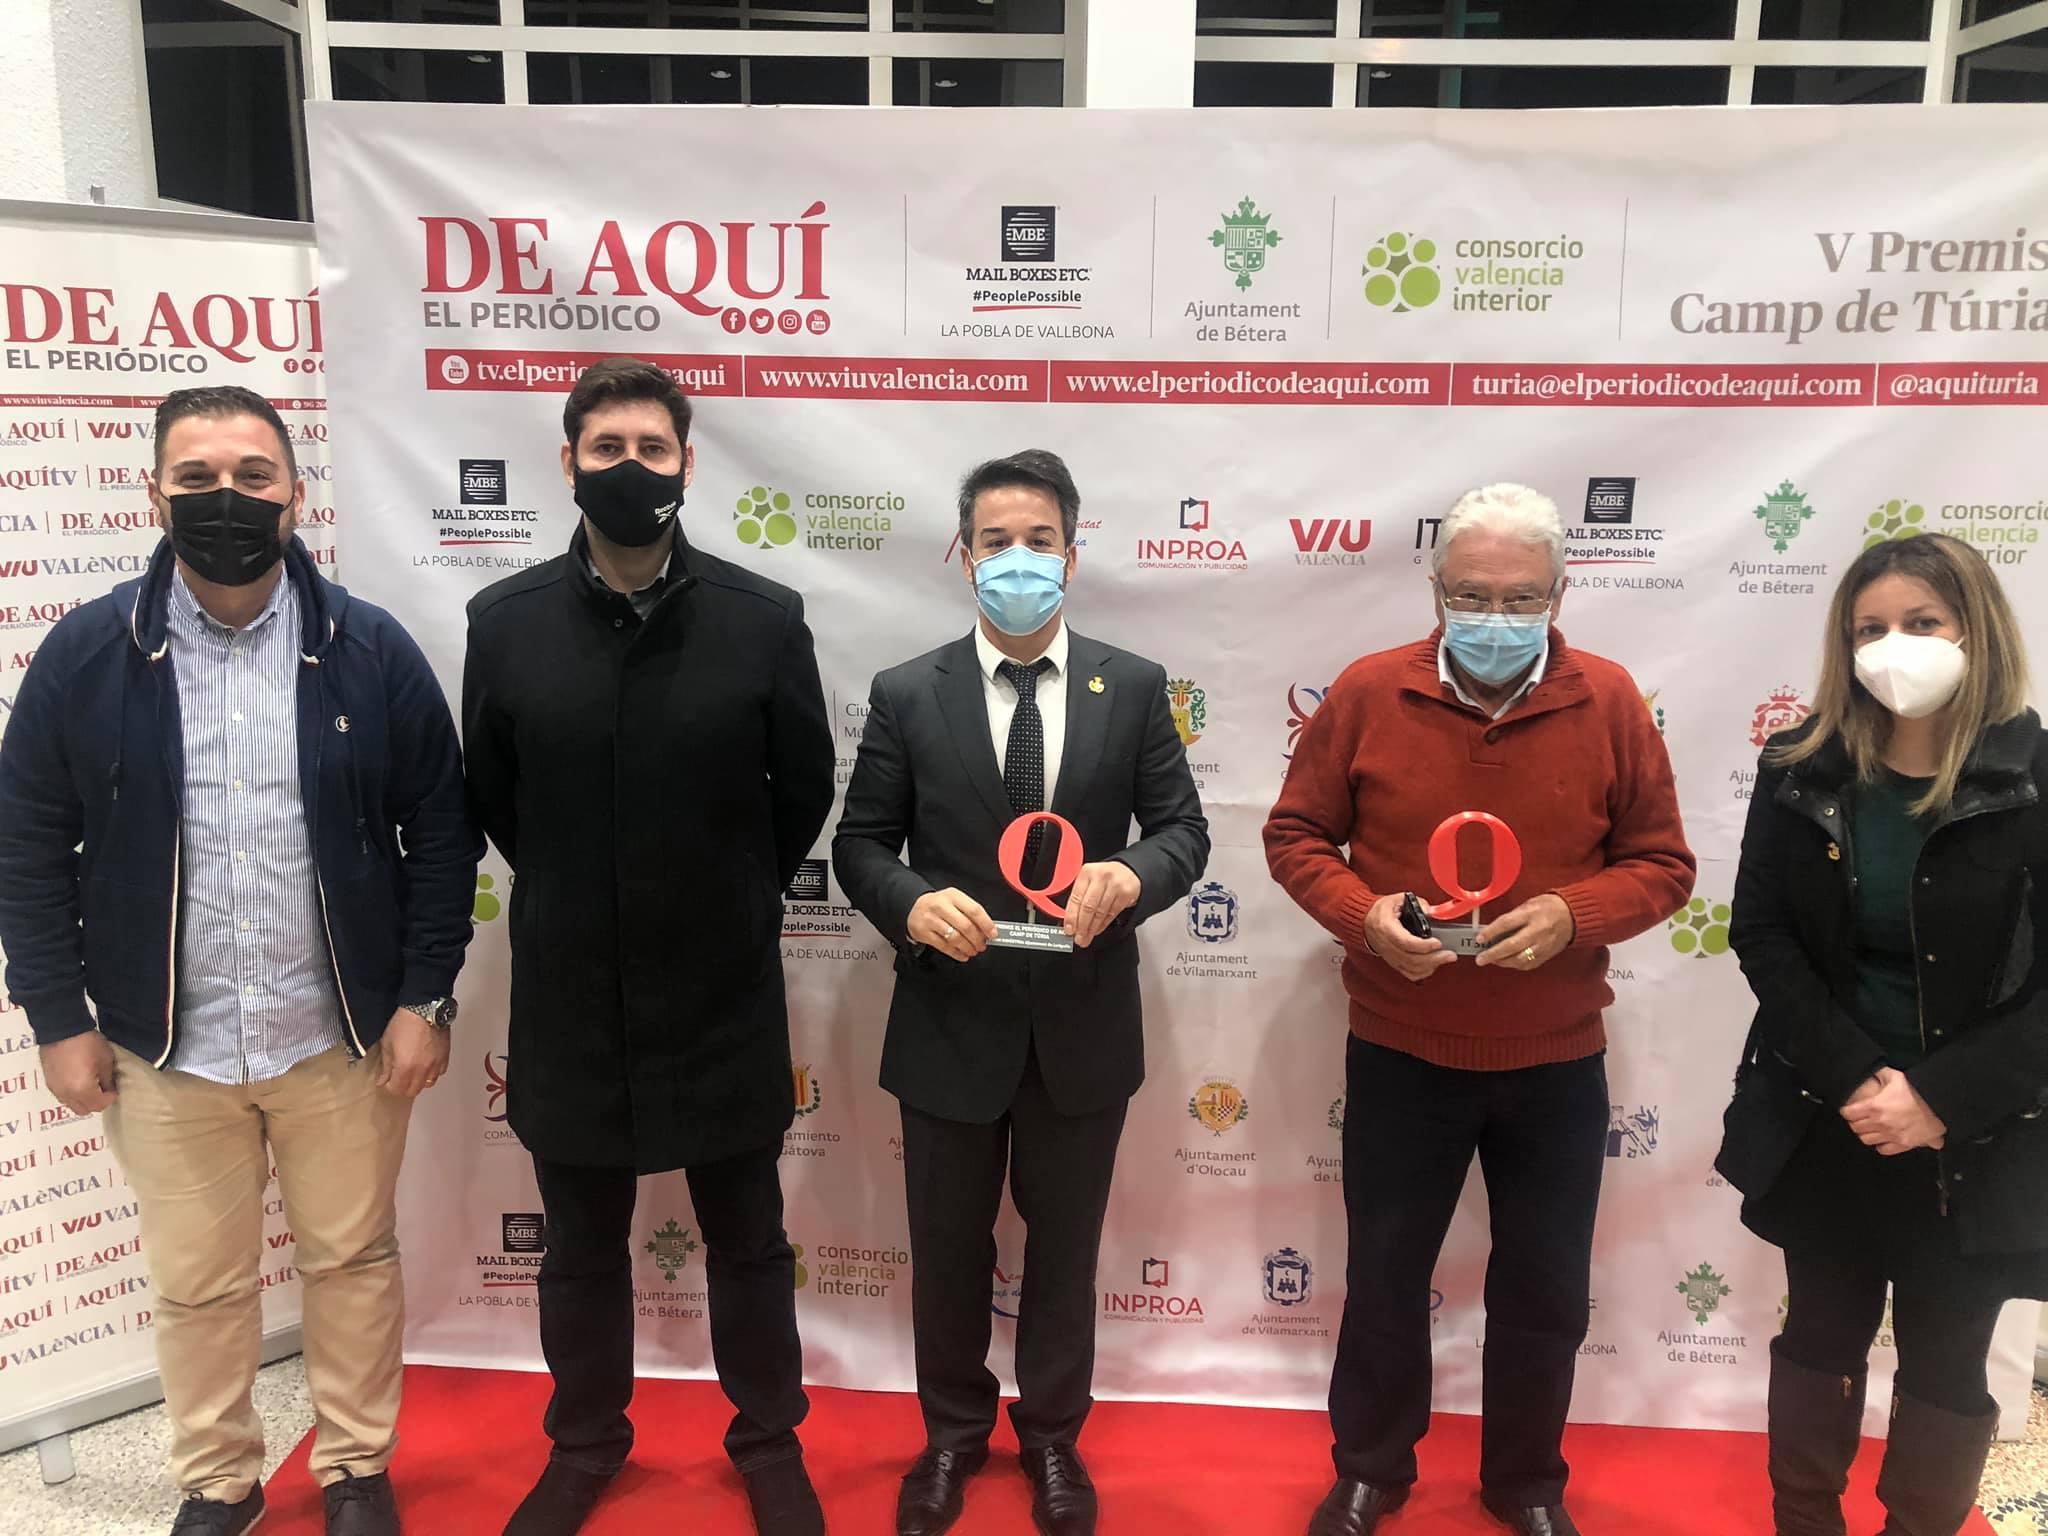 Loriguilla, galardonada con el Premio de Industria en la V gala de los premios del Periódico de Aquí